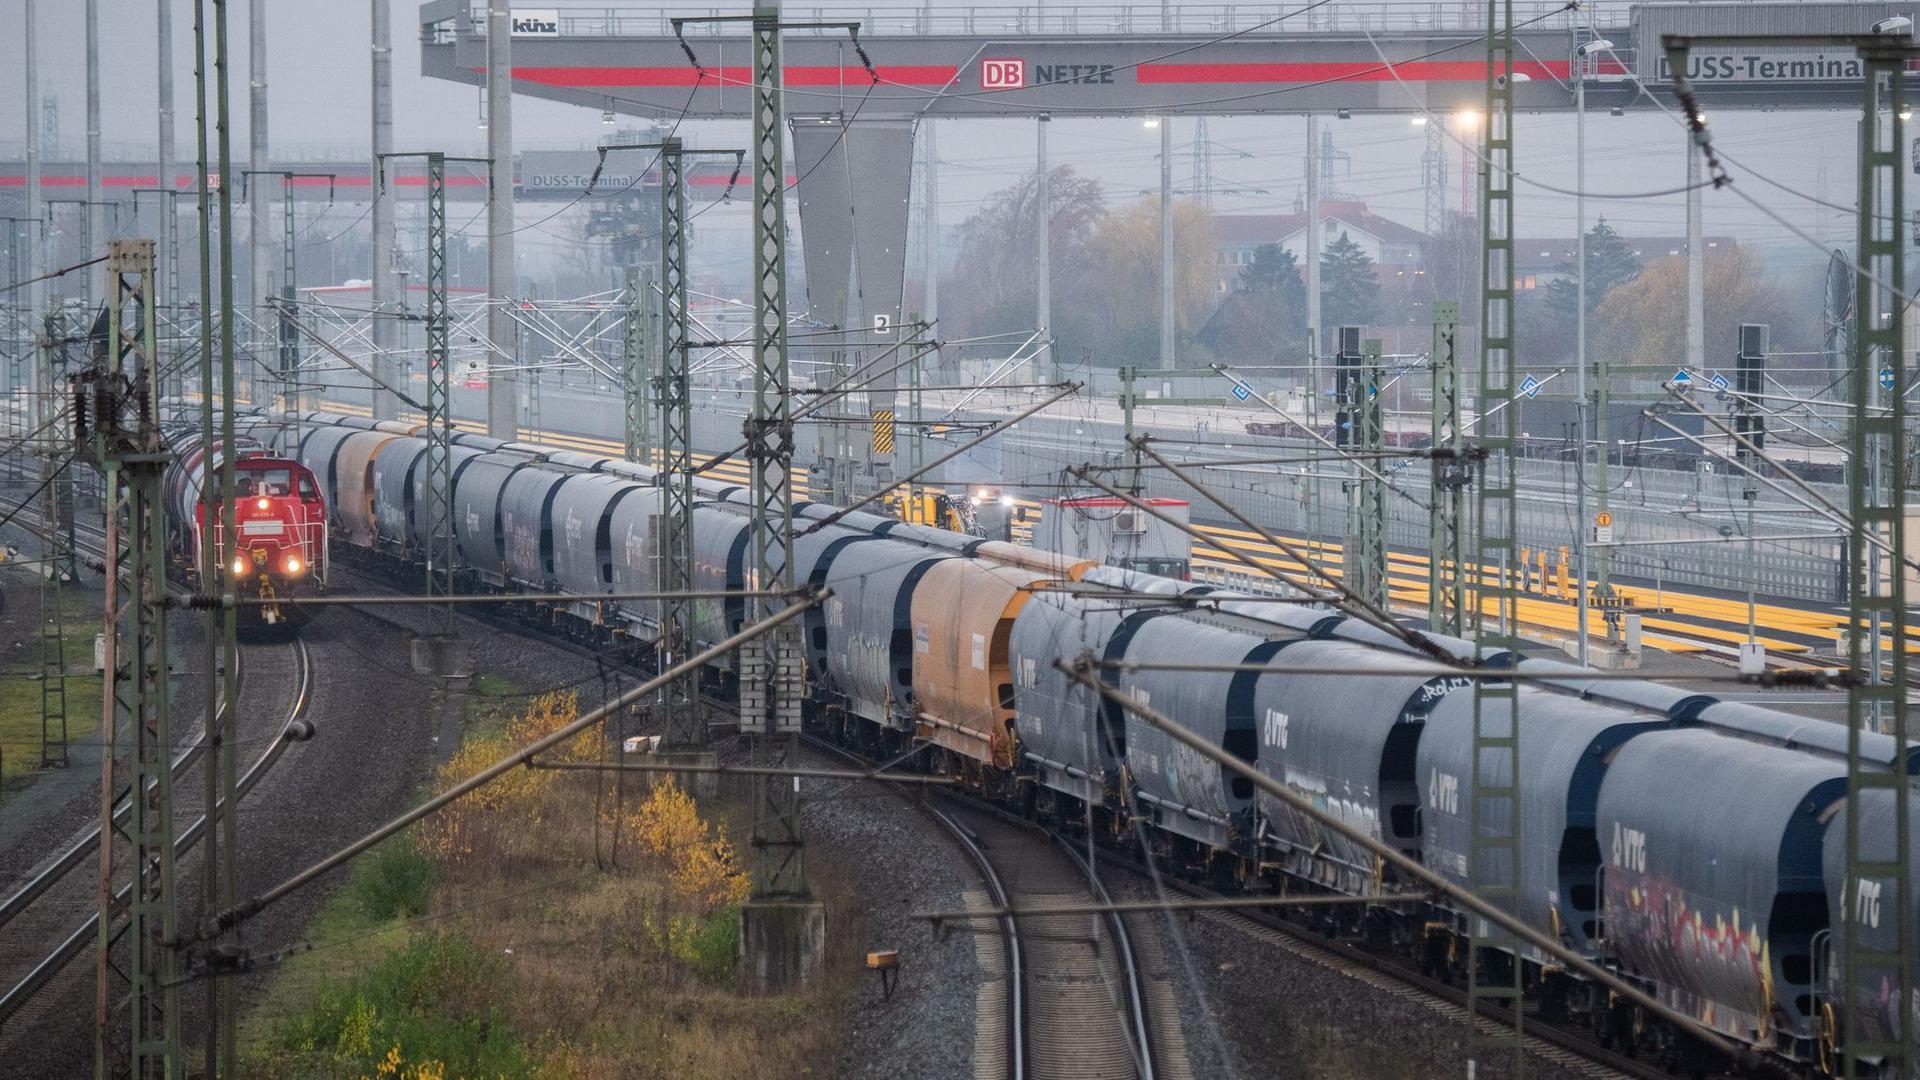 Ein Güterzug passiert den Güterbahnhof MegaHub Lehrte in der Region Hannover.